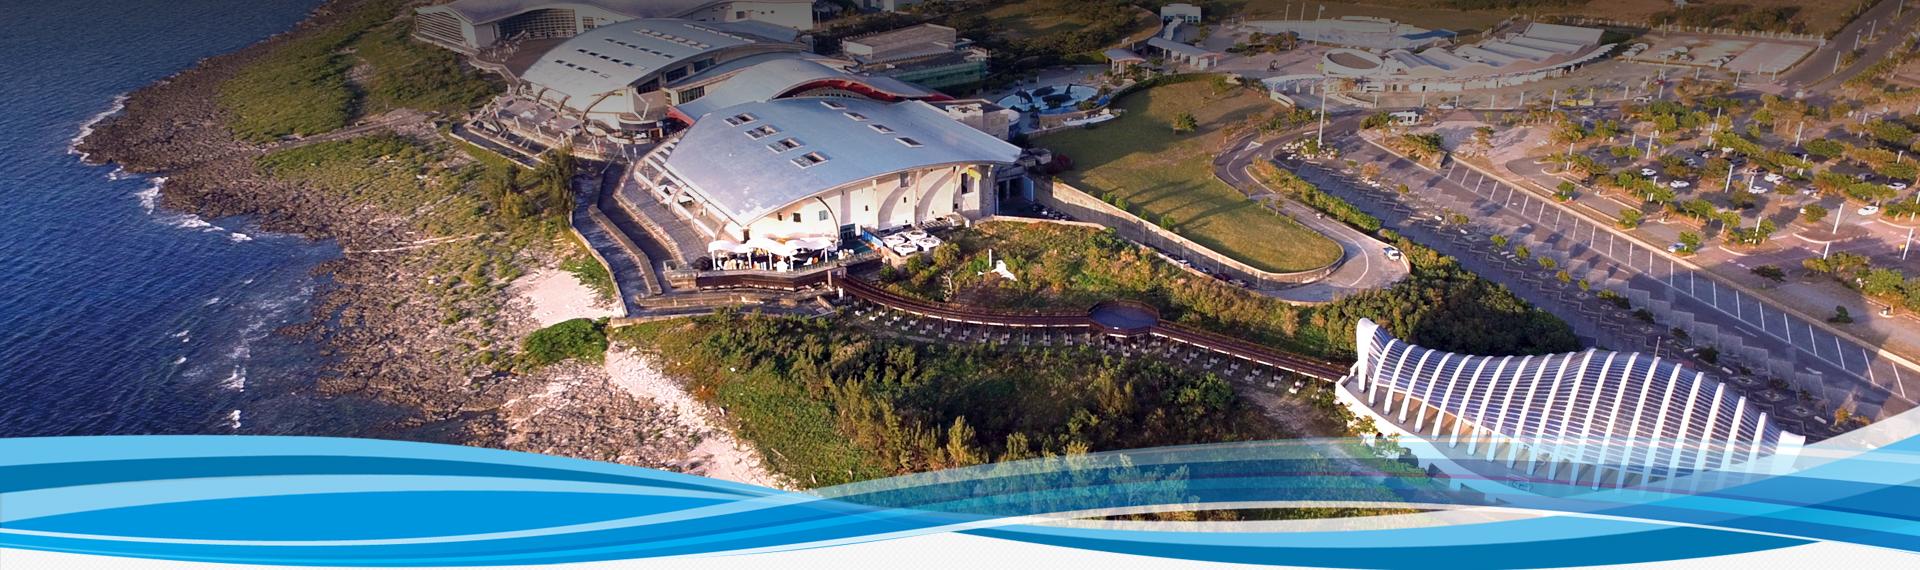 國立海洋生物博物館-海生館節目表